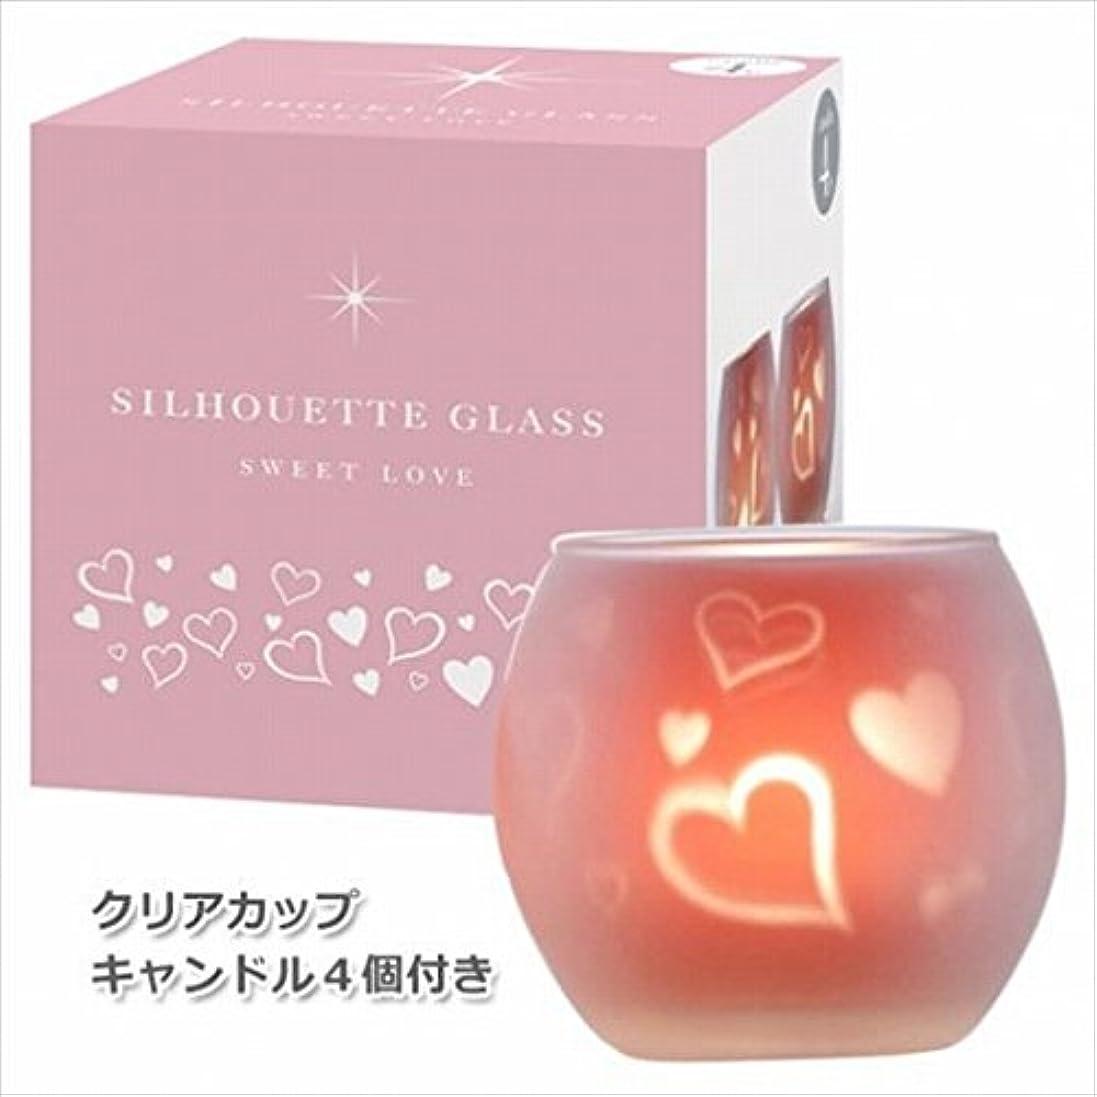 キリスト教急いでモニターカメヤマキャンドル(kameyama candle) スウィートラブ2【キャンドル4個付き】 シルエットグラス